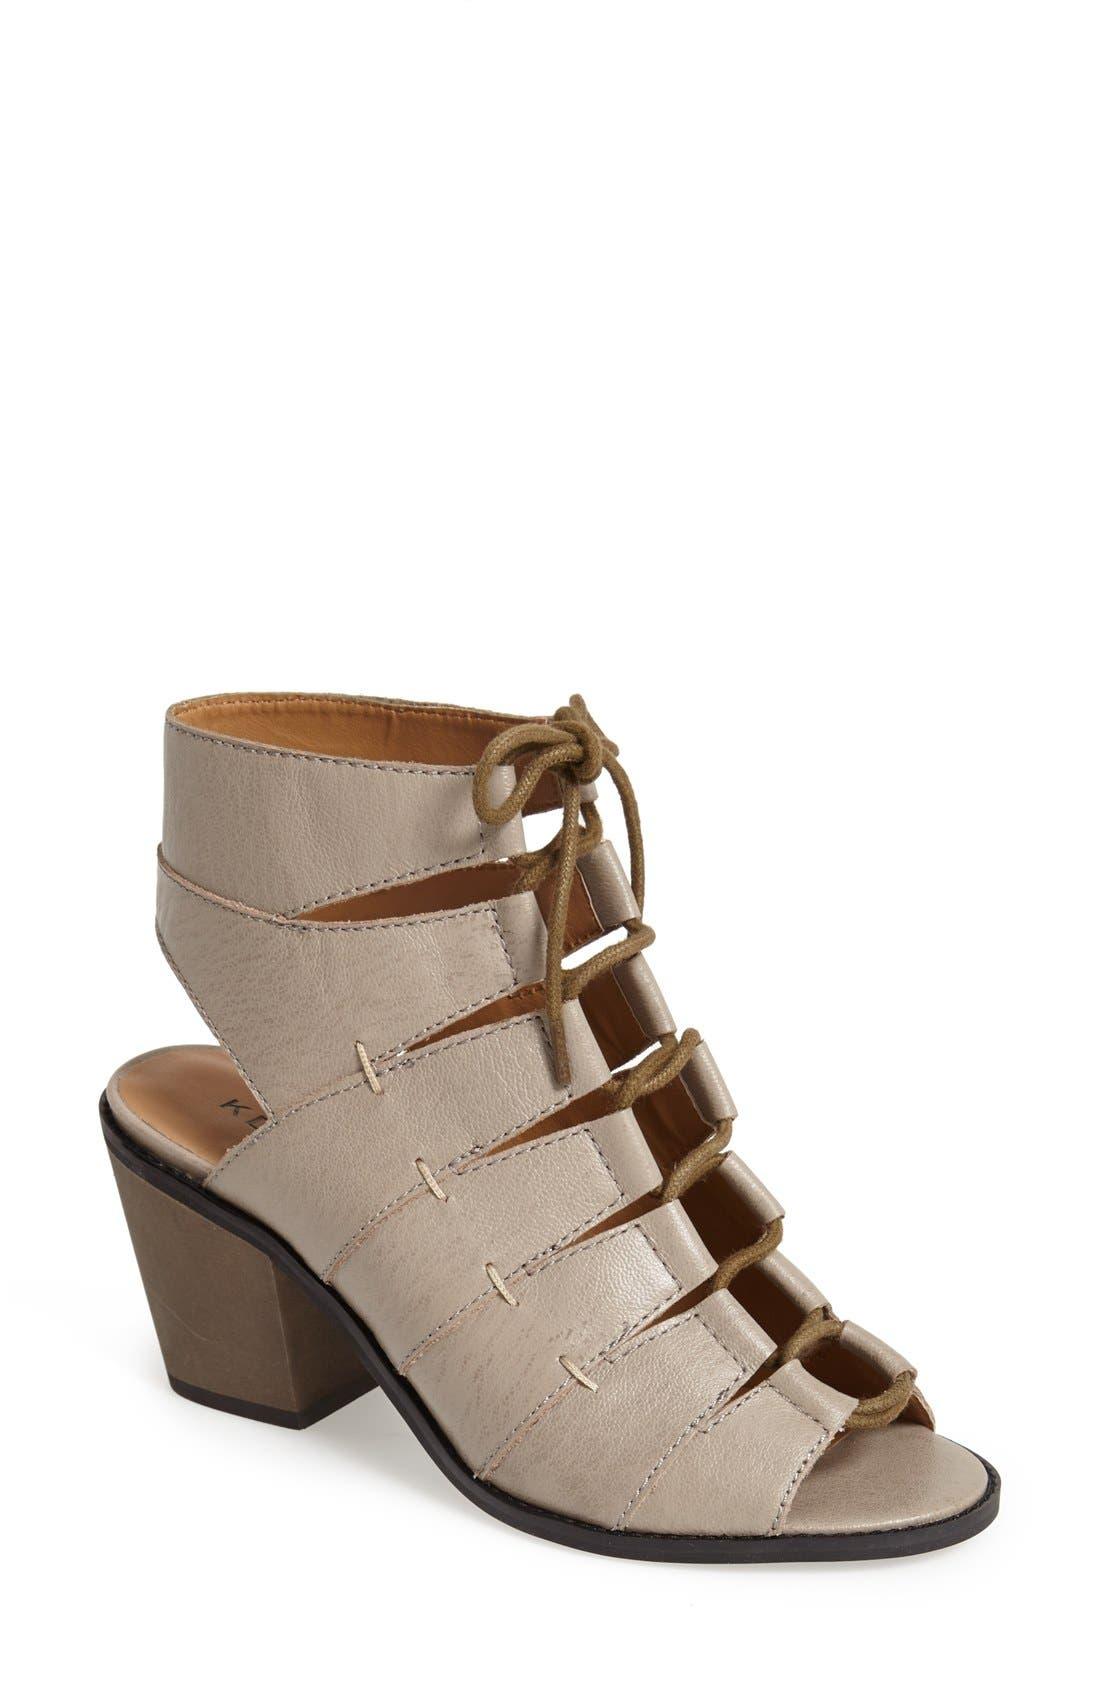 Alternate Image 1 Selected - Kelsi Dagger Brooklyn 'Katreena' Leather Open Toe Bootie (Women)